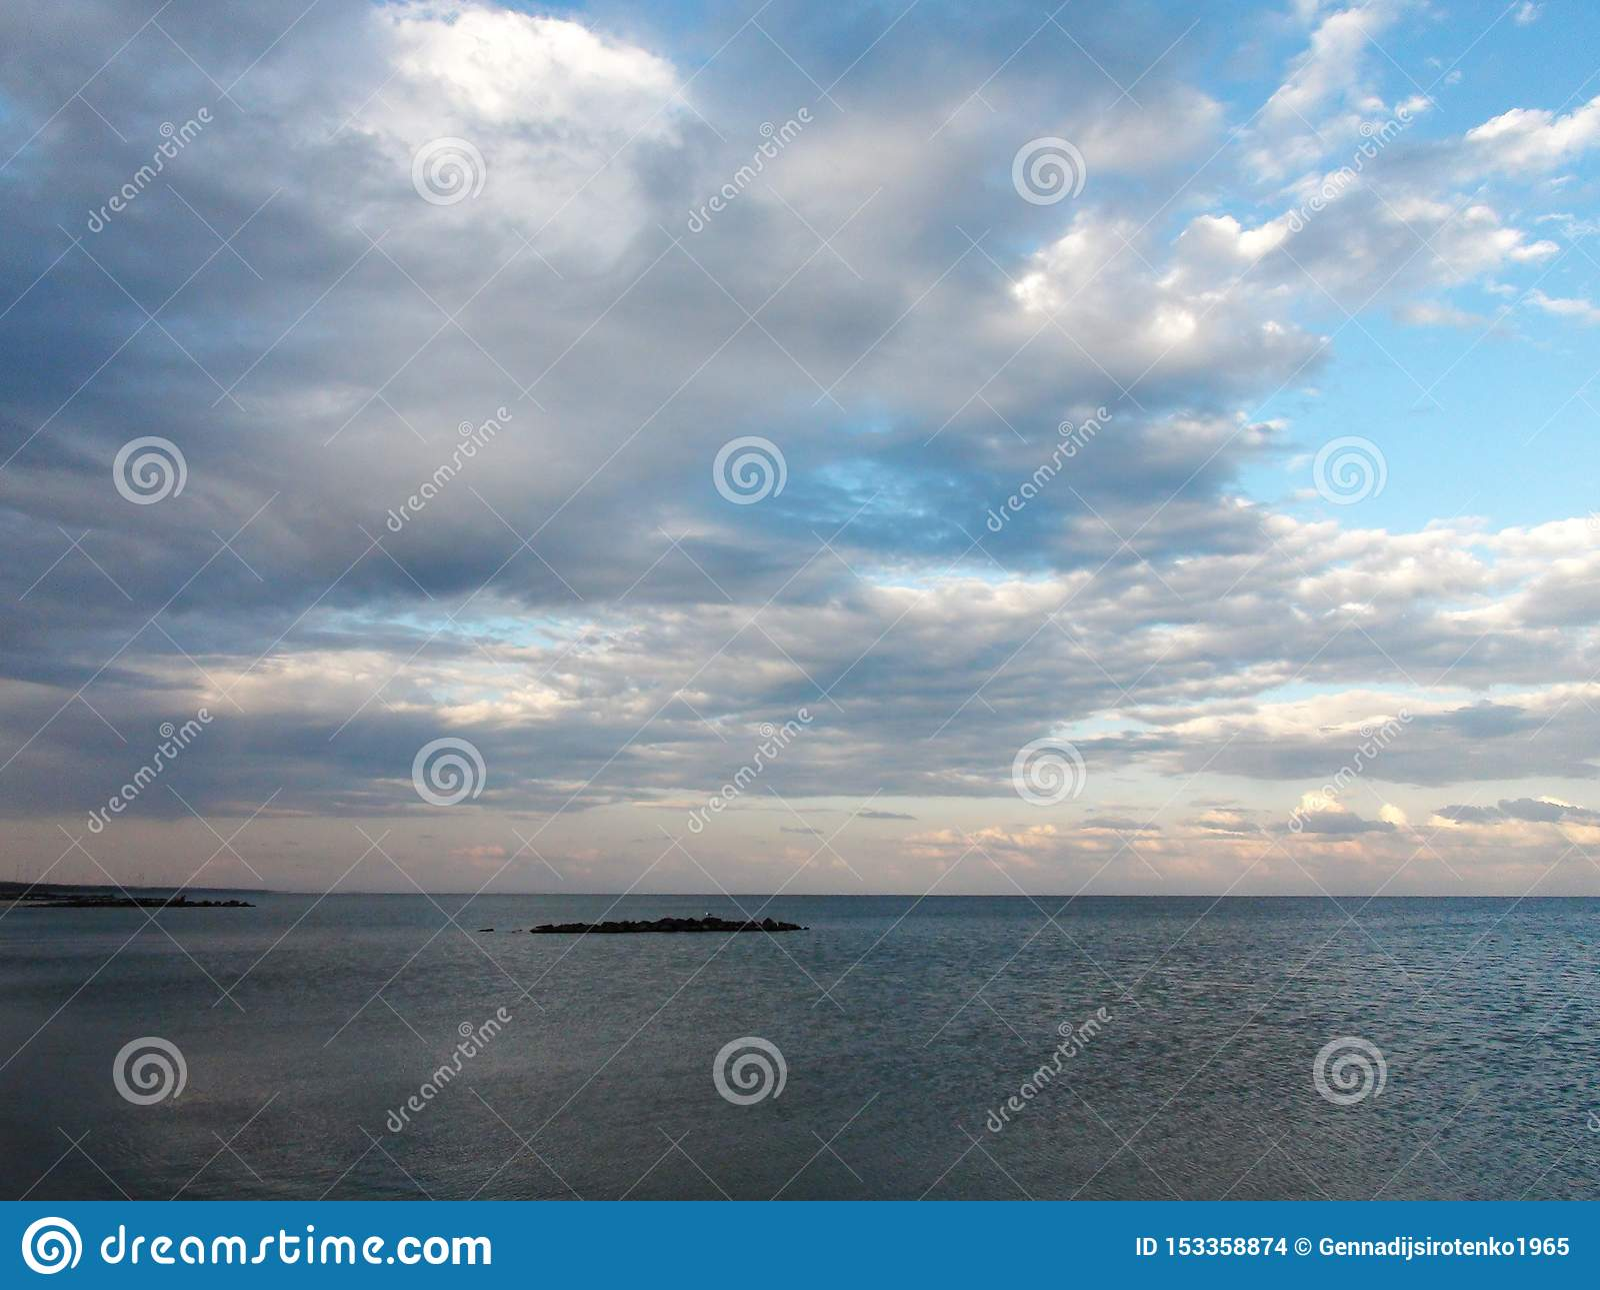 Landschappen van de flora van de Overzeese van Azov en overzeese avondlandschappen dichtbij de stad van Primorsk van het Zaporizh